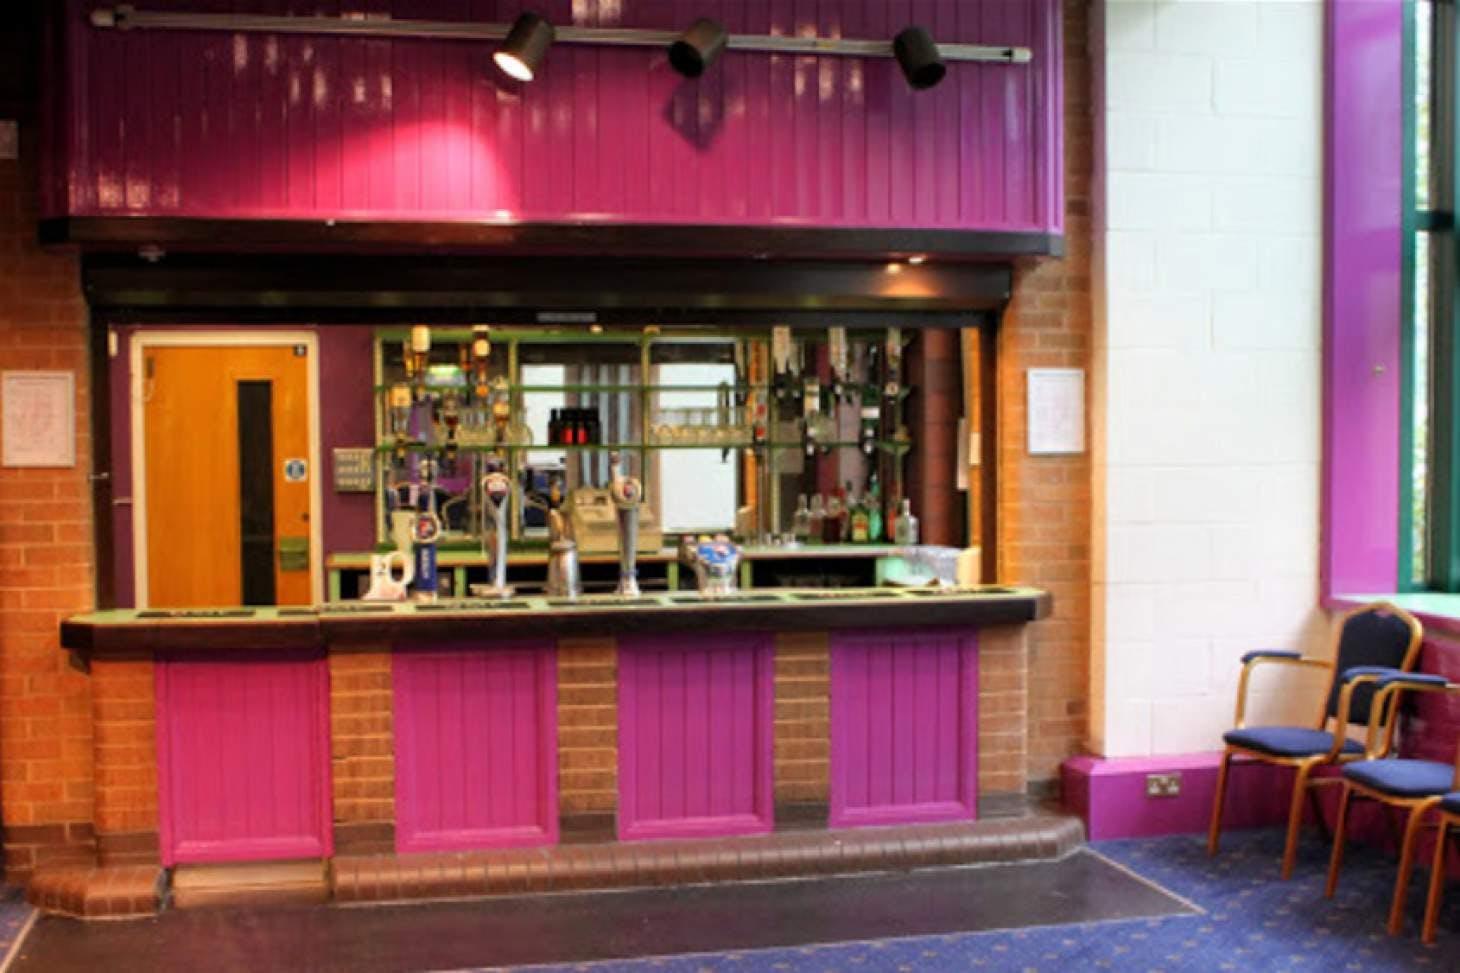 Moulsecoomb Community Leisure Centre Bar space hire